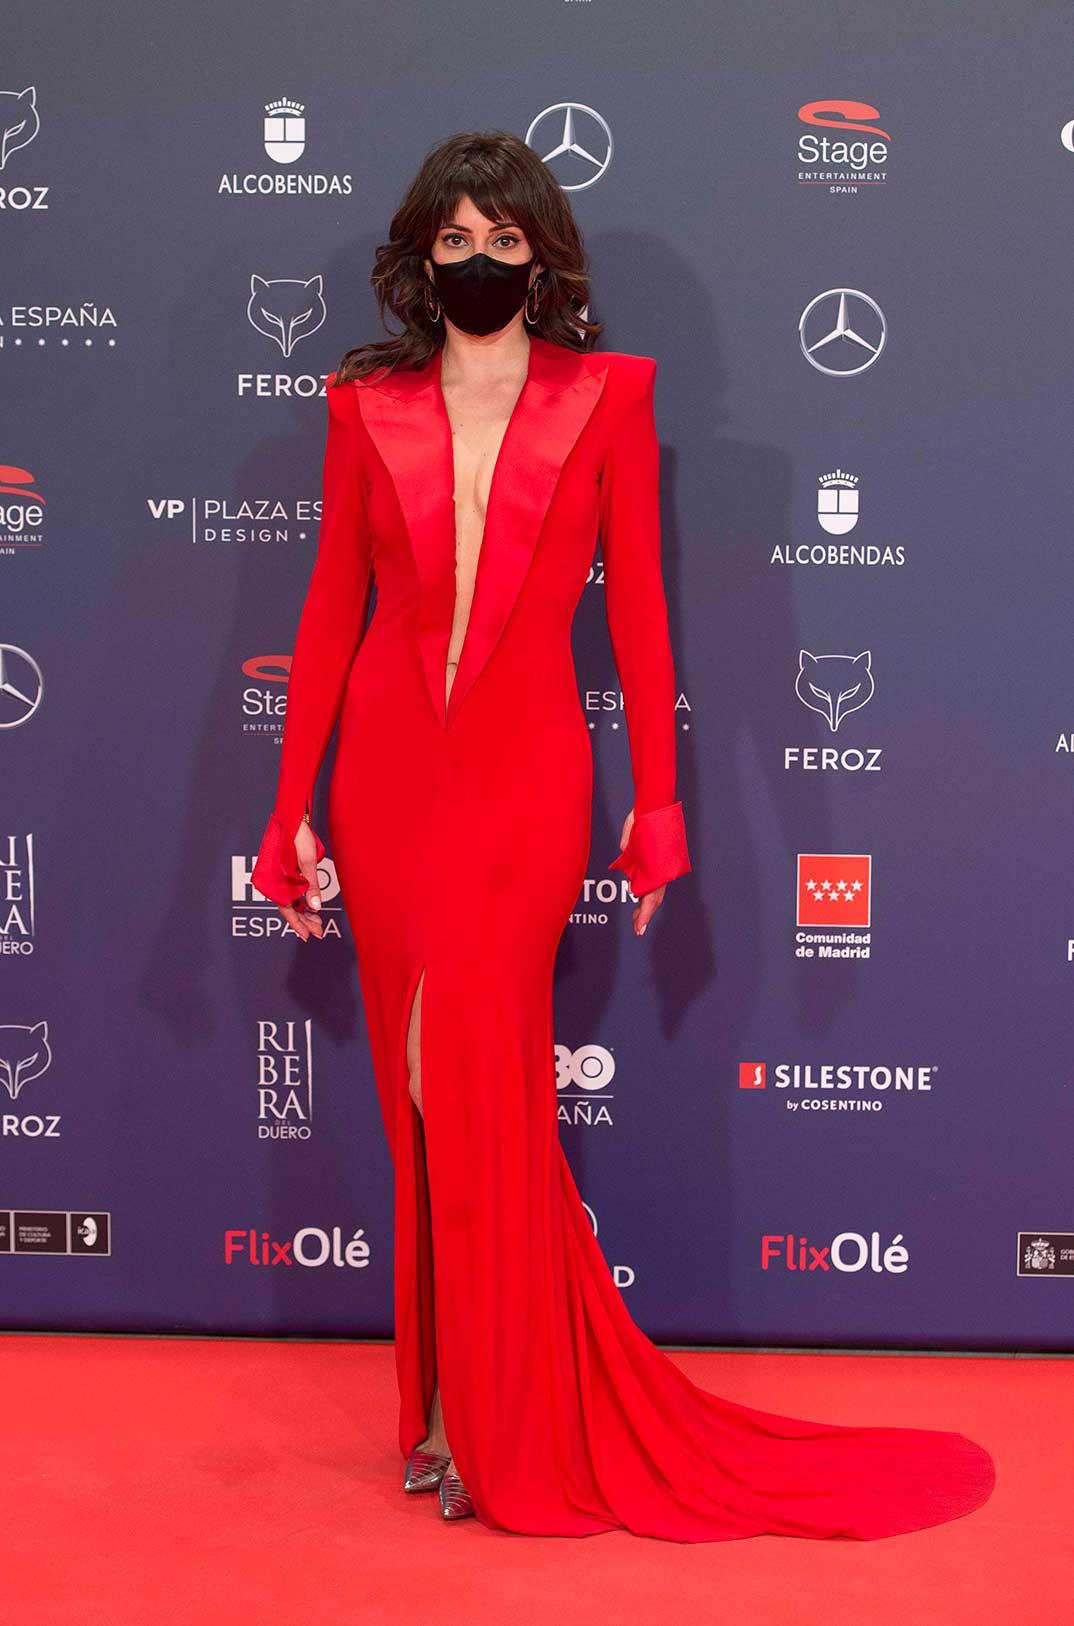 Eva Ugarte © Premios Feroz/Alberto Ortega